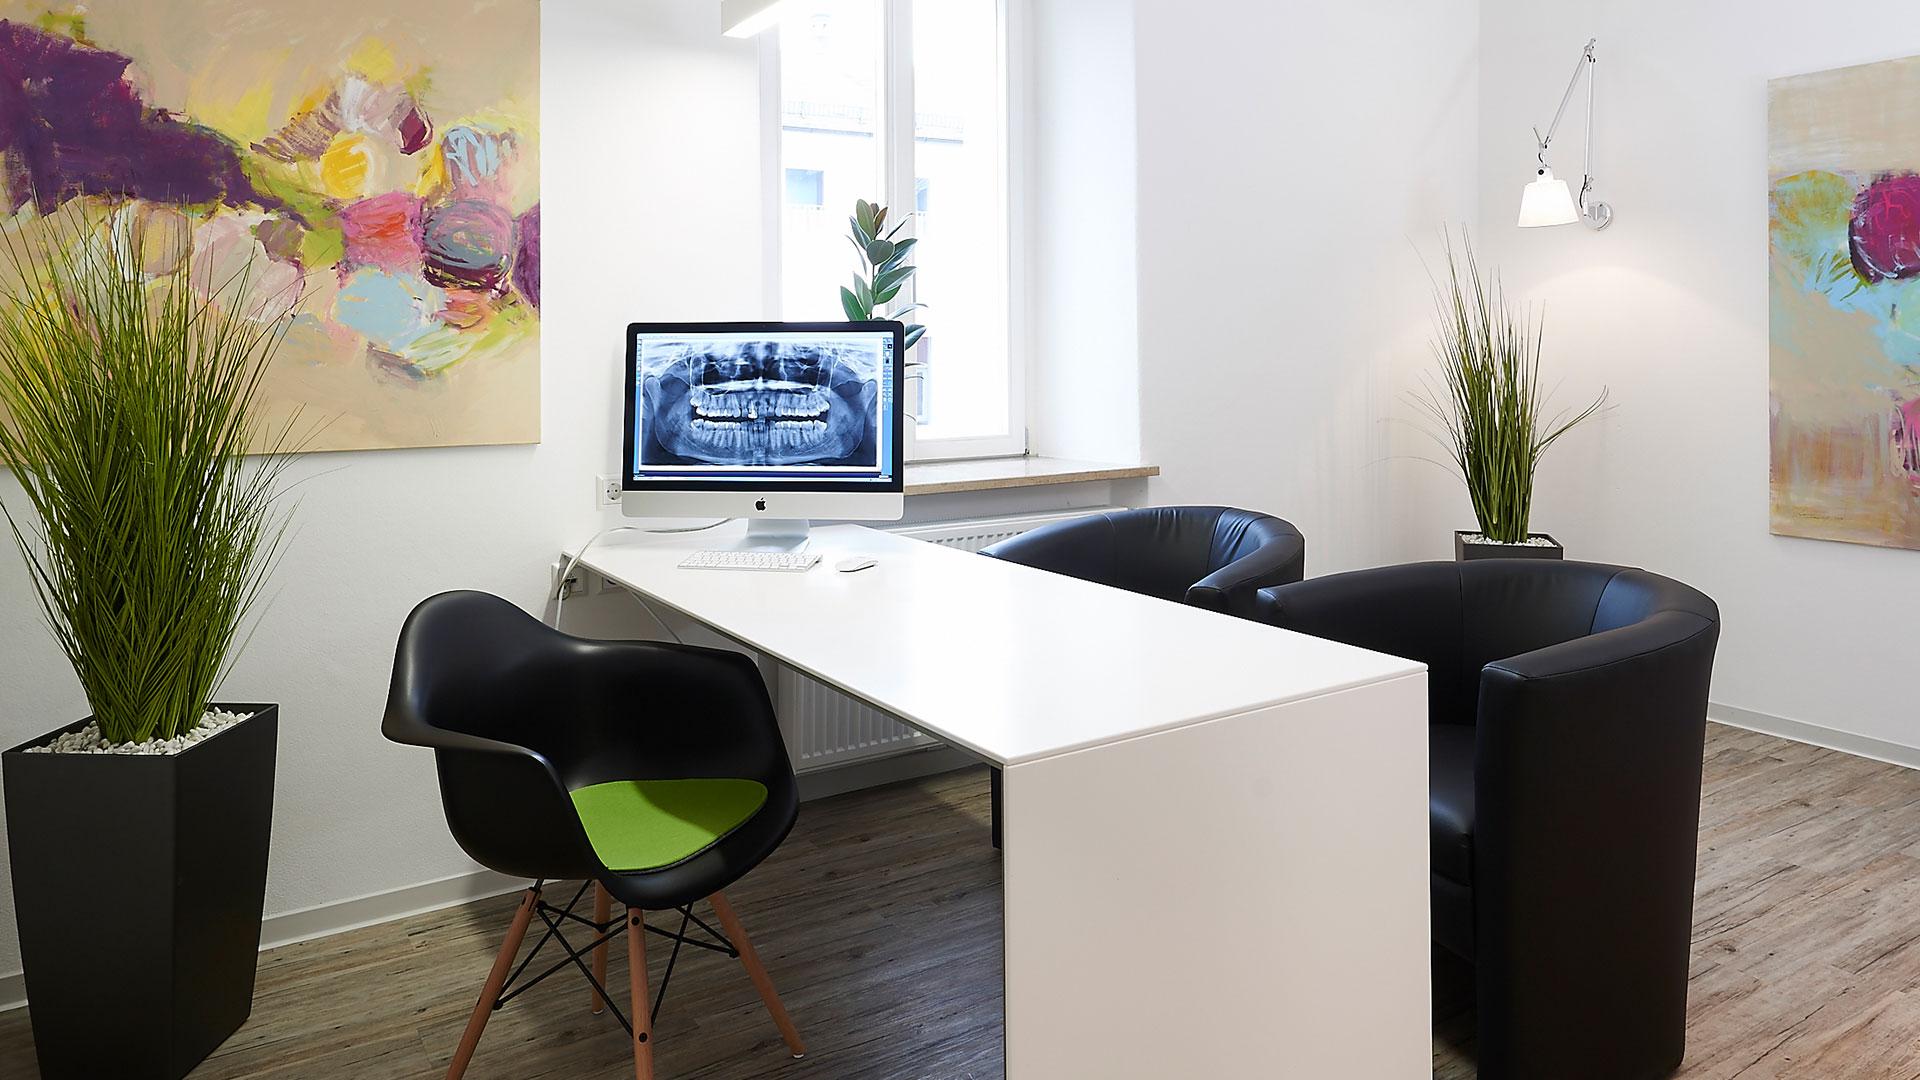 Wunsiedel Praxis Zahnarzt Schreibtisch